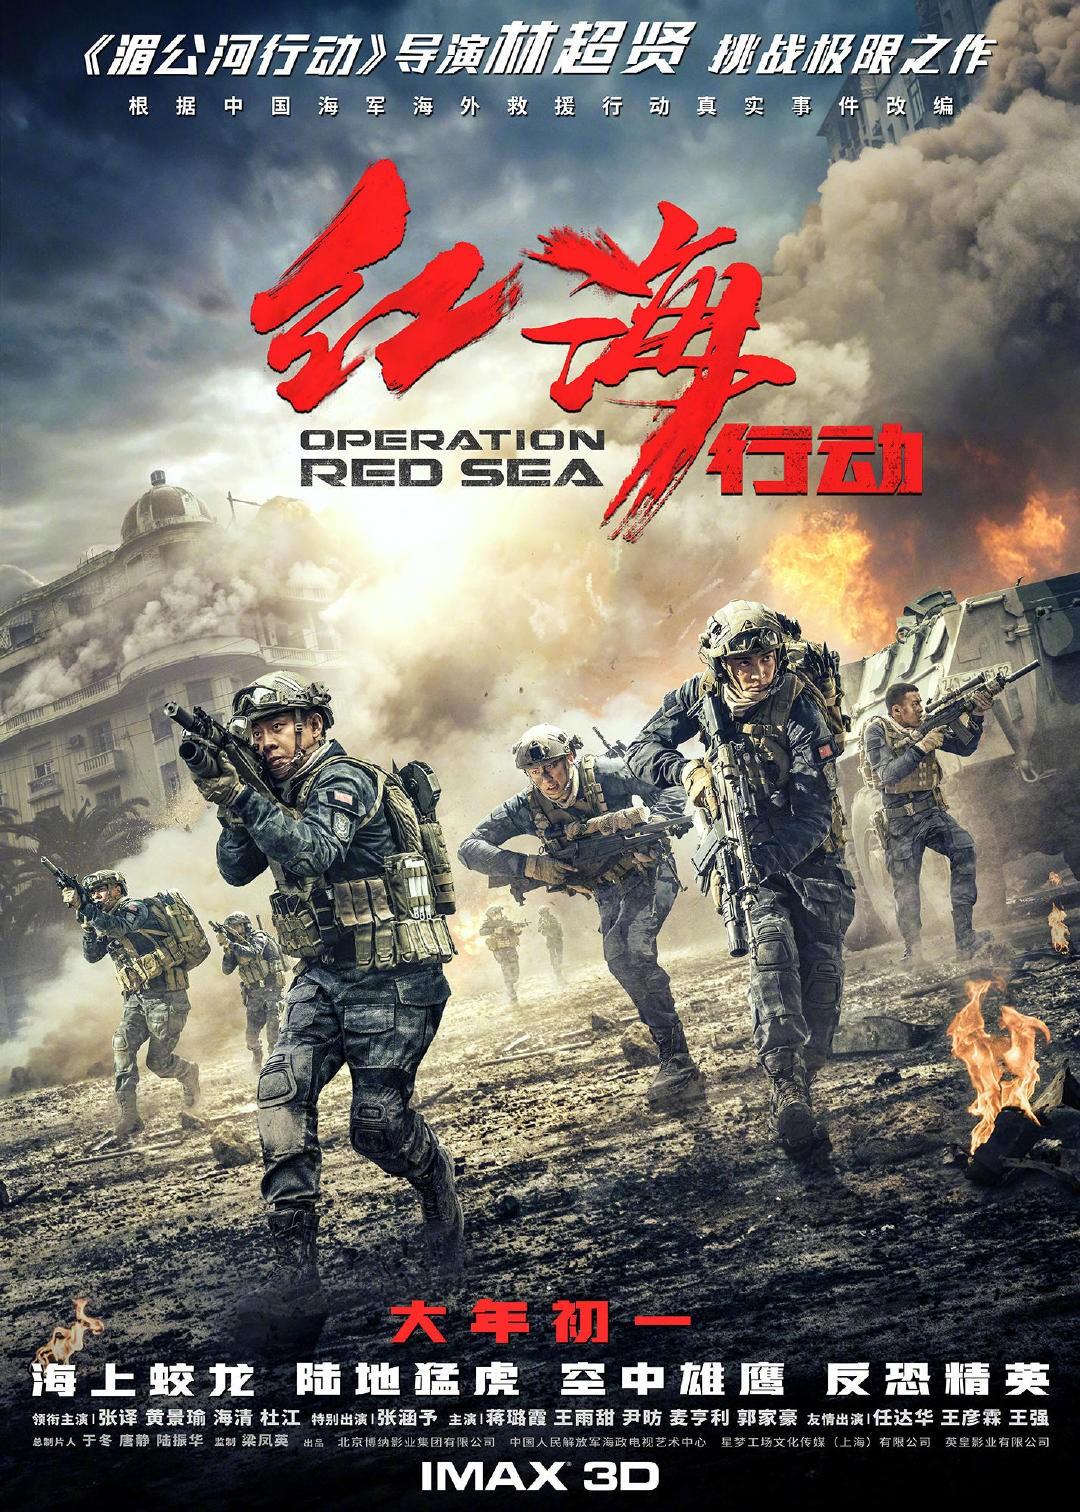 《战狼2》《湄公河行动》等4部电影6月1日起重映